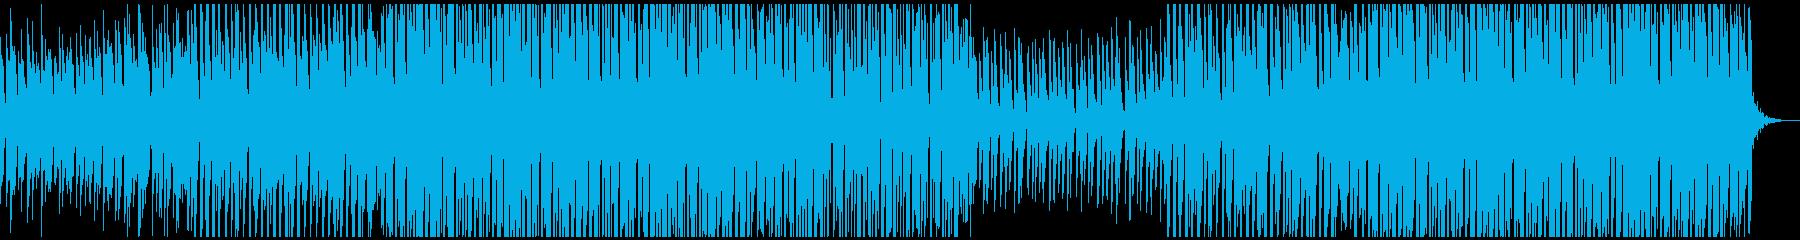 ハウスミュージックの再生済みの波形